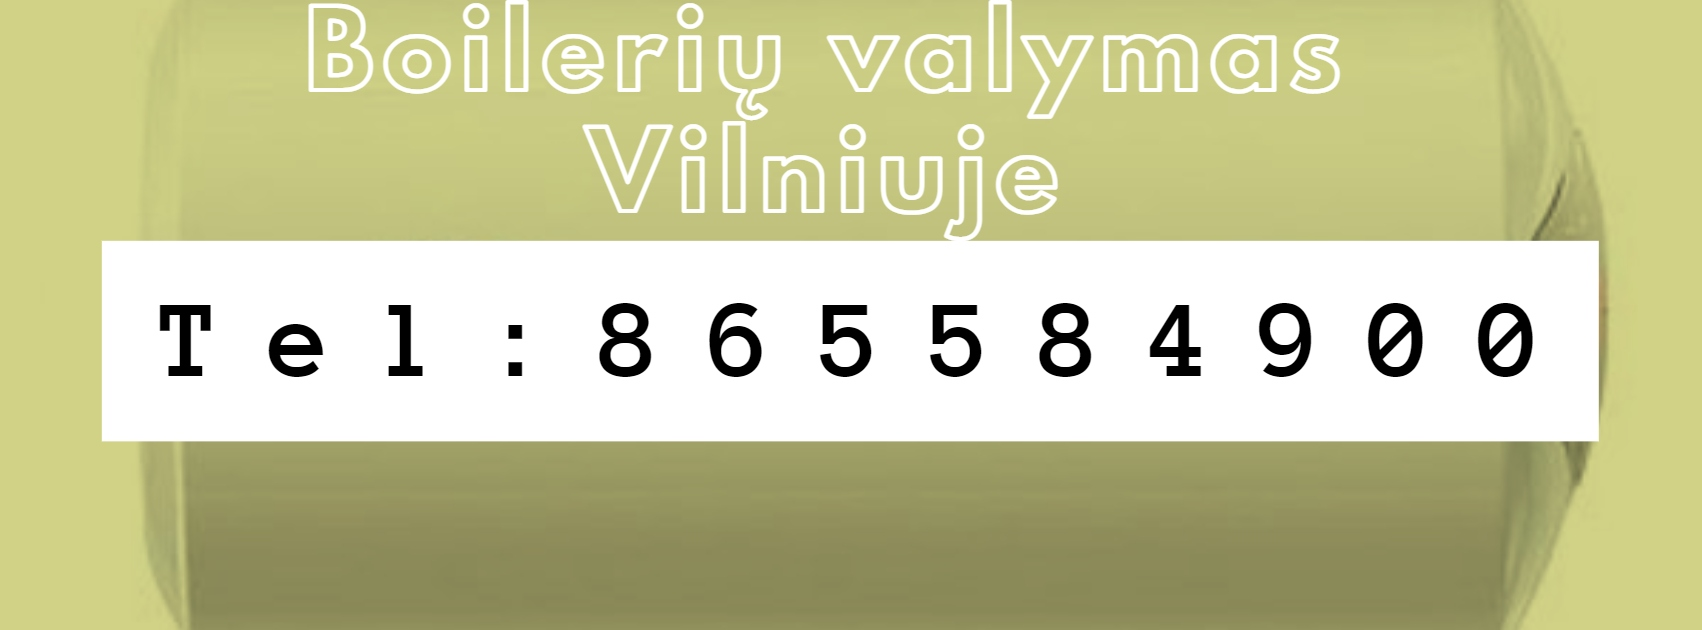 Boilerių valymas Vilniuje.jpg